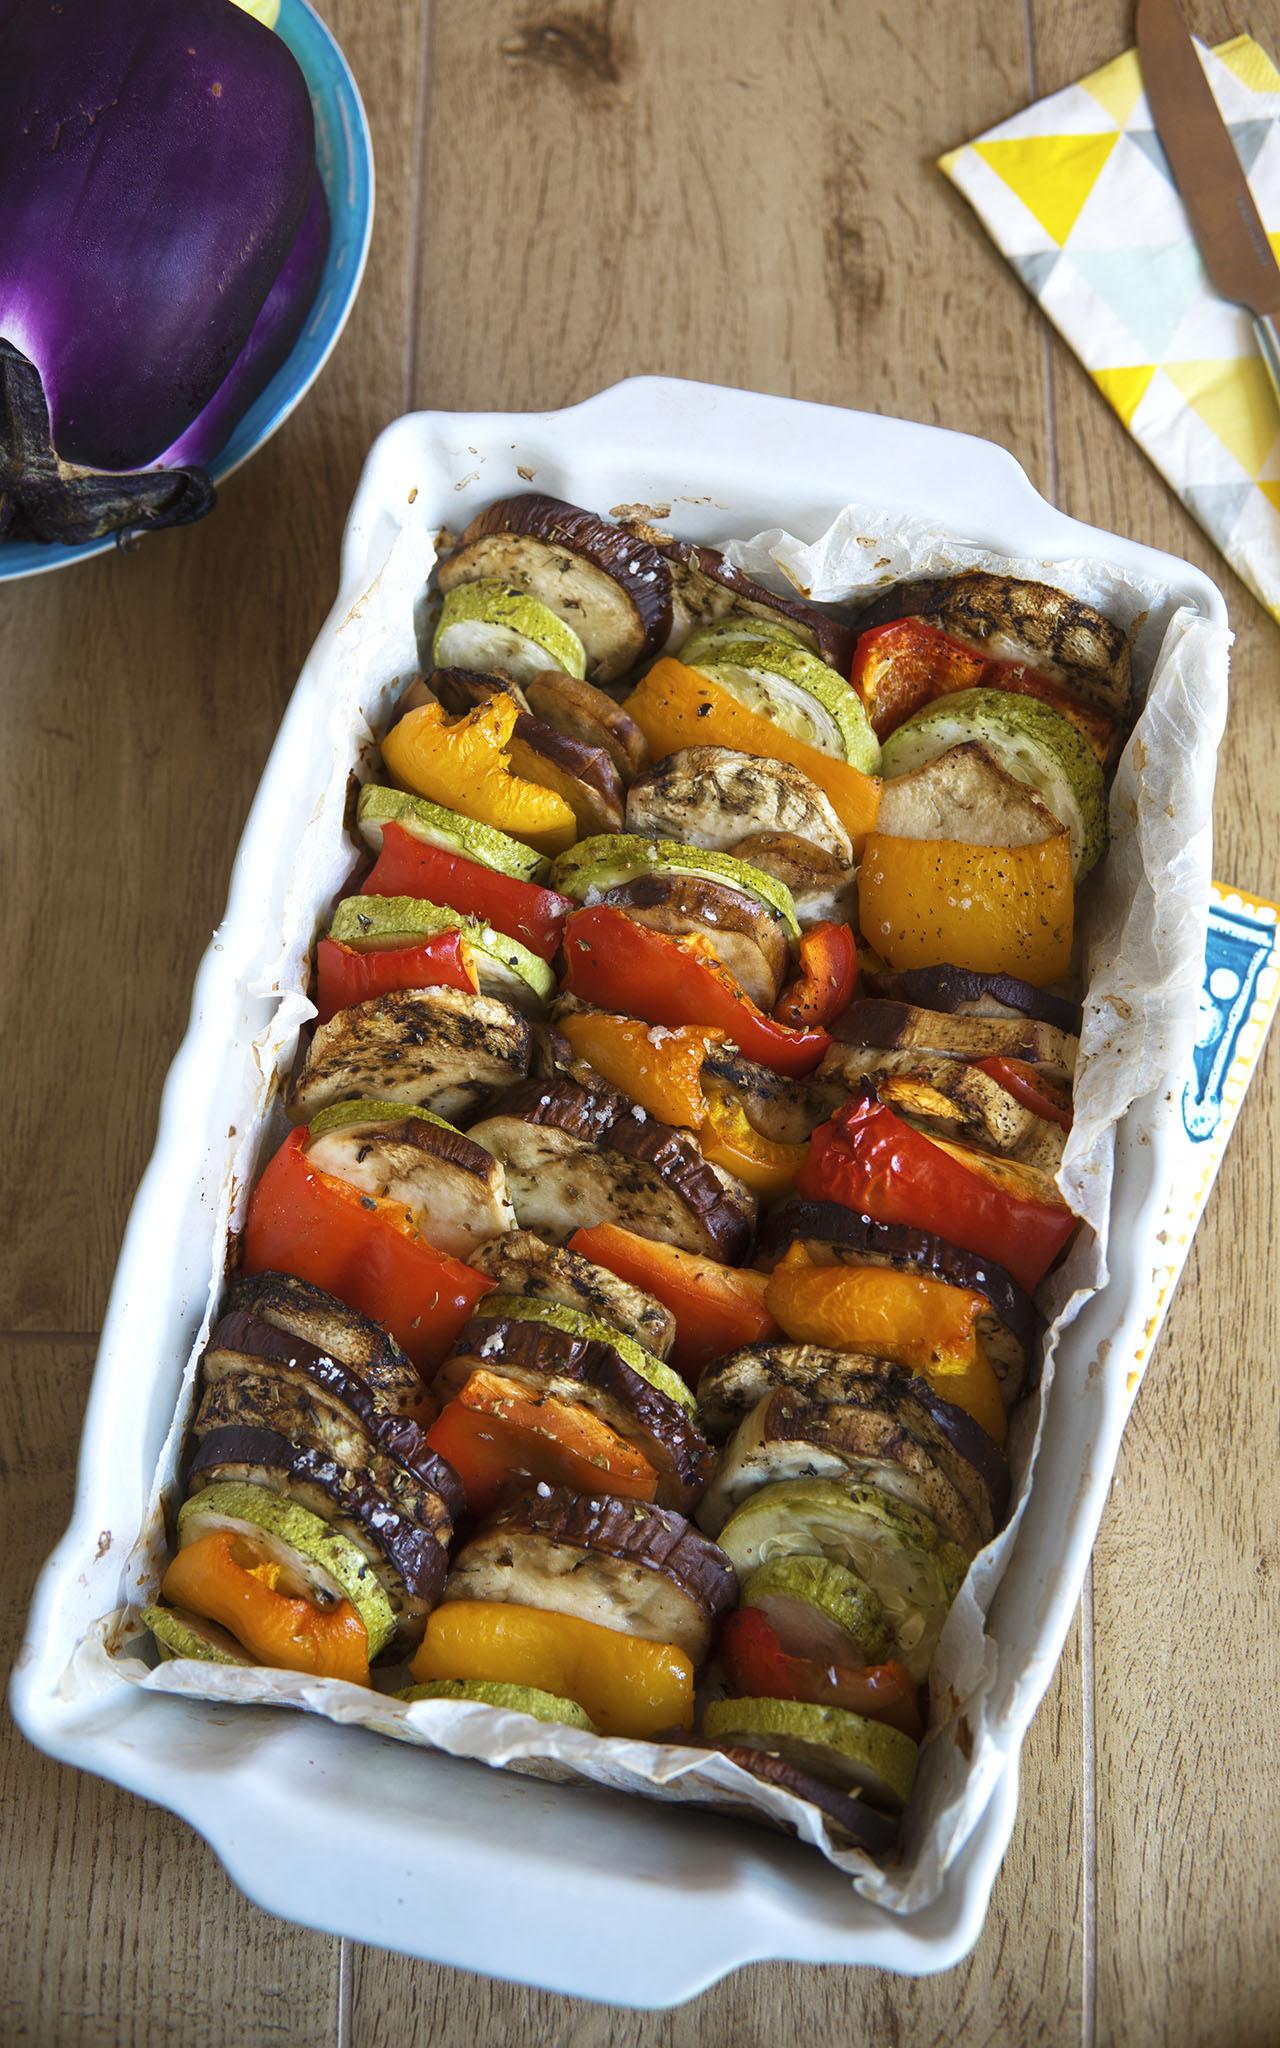 Verdure miste al forno, il contorno estivo leggero